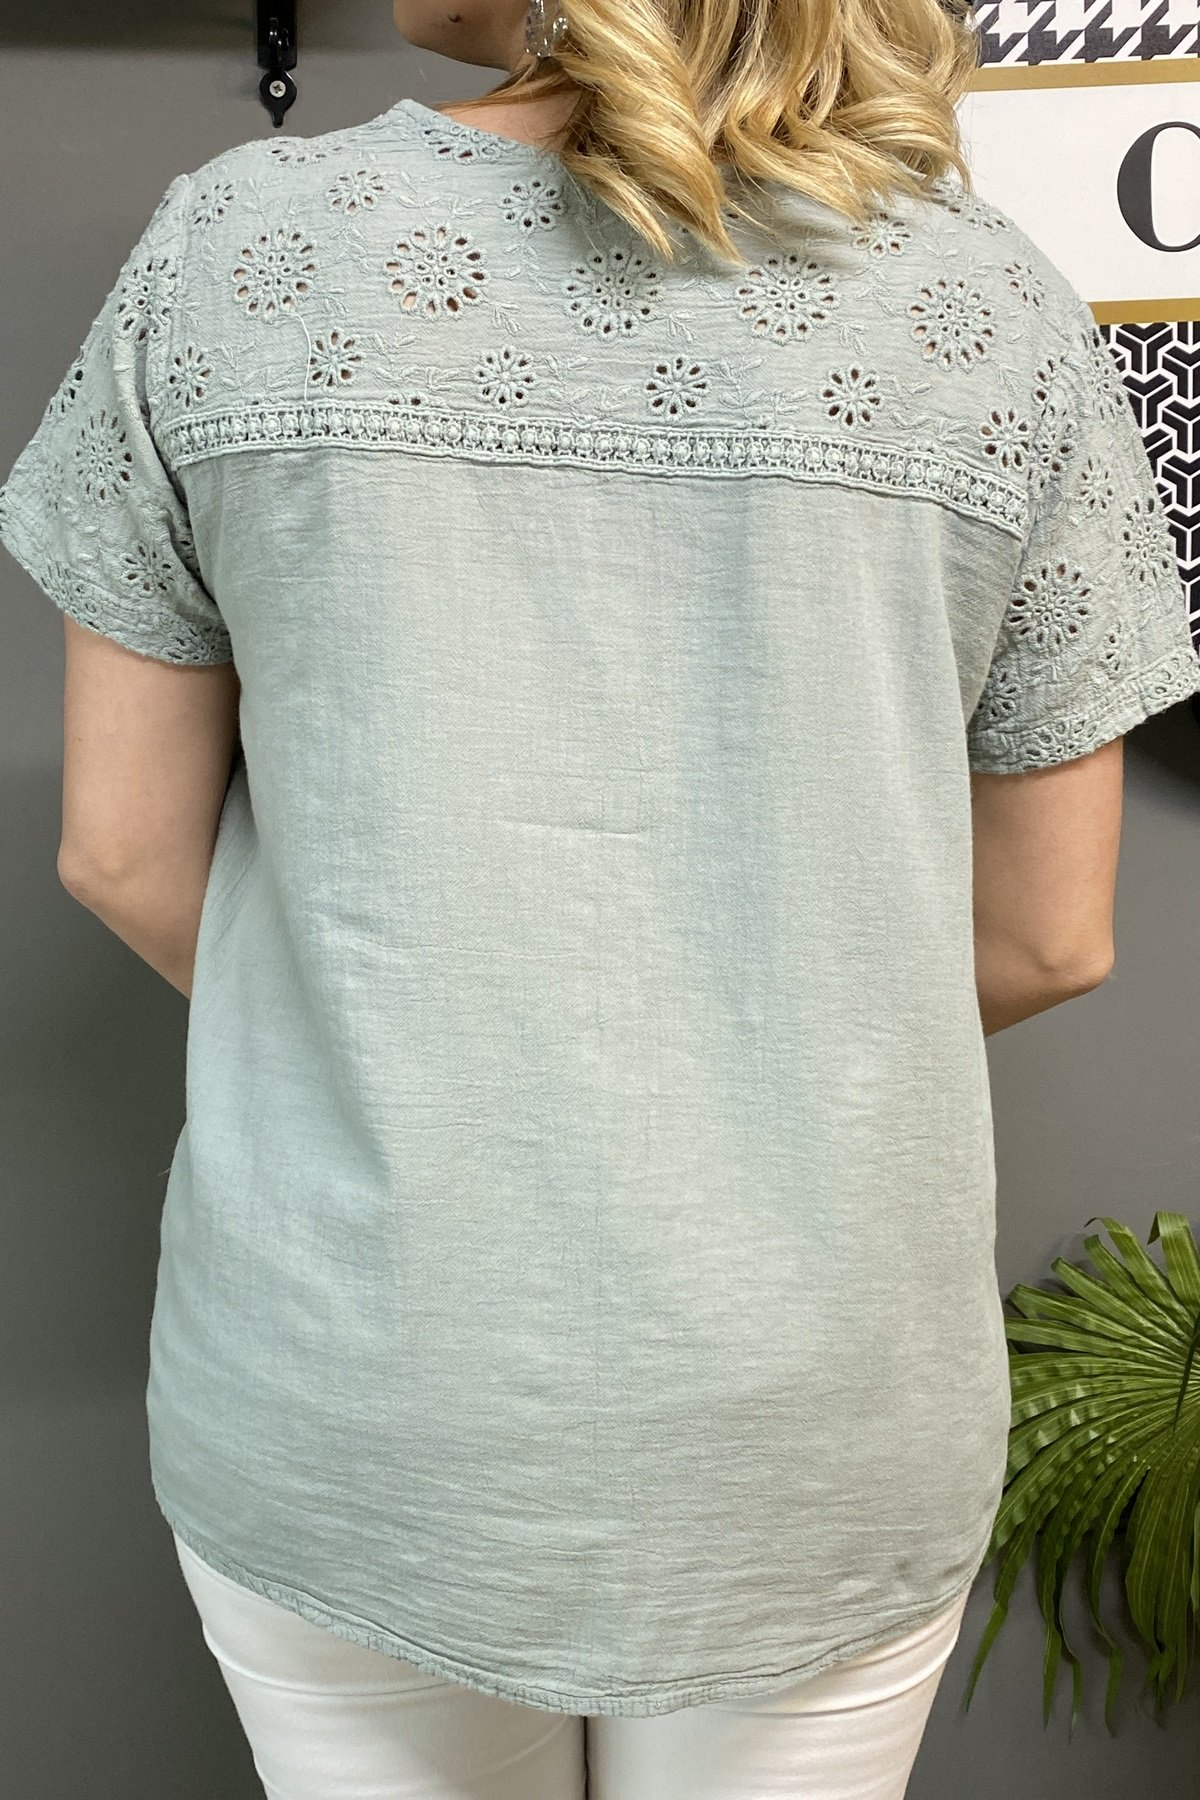 Kısa Kollu Göğüs Üstü Ve Kolları İşlemeli Gömlek